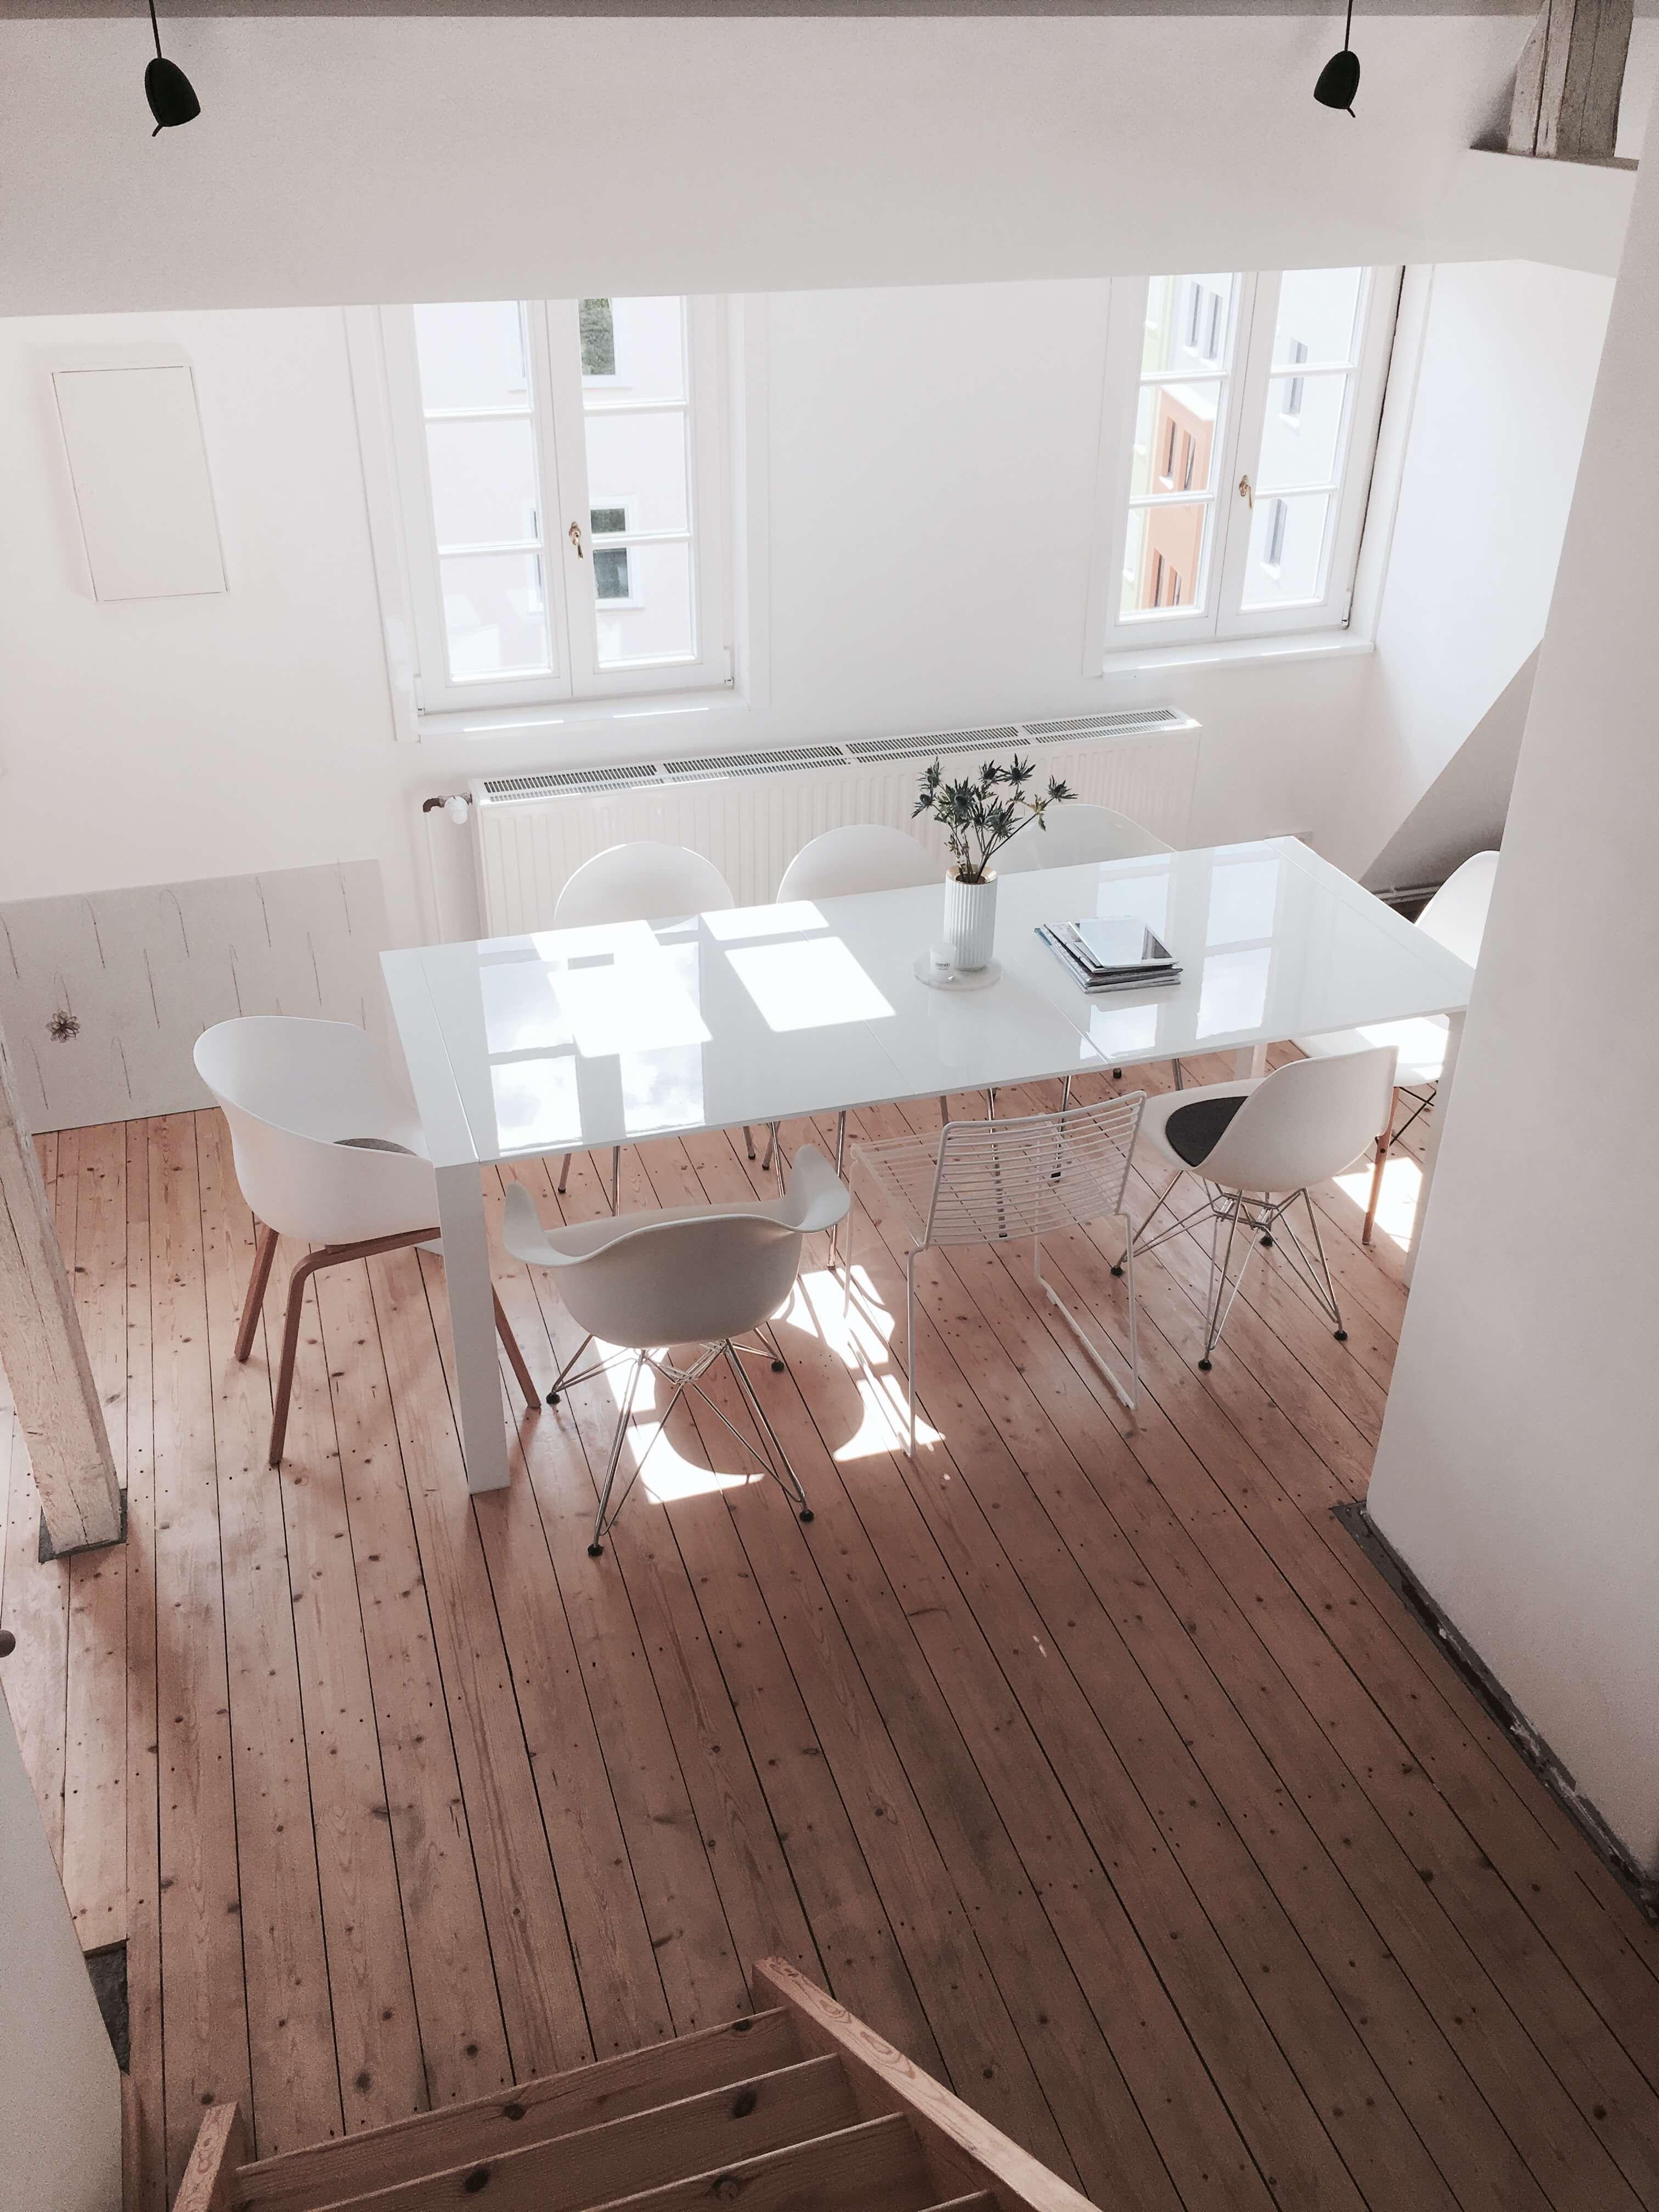 Auf Meinem Wunschzettel Für Die Neue Wohnung Stehen Definitiv Einige Neue  Möbelstücke Mit Drauf Und Ich Muss Unbedingt Bald ...